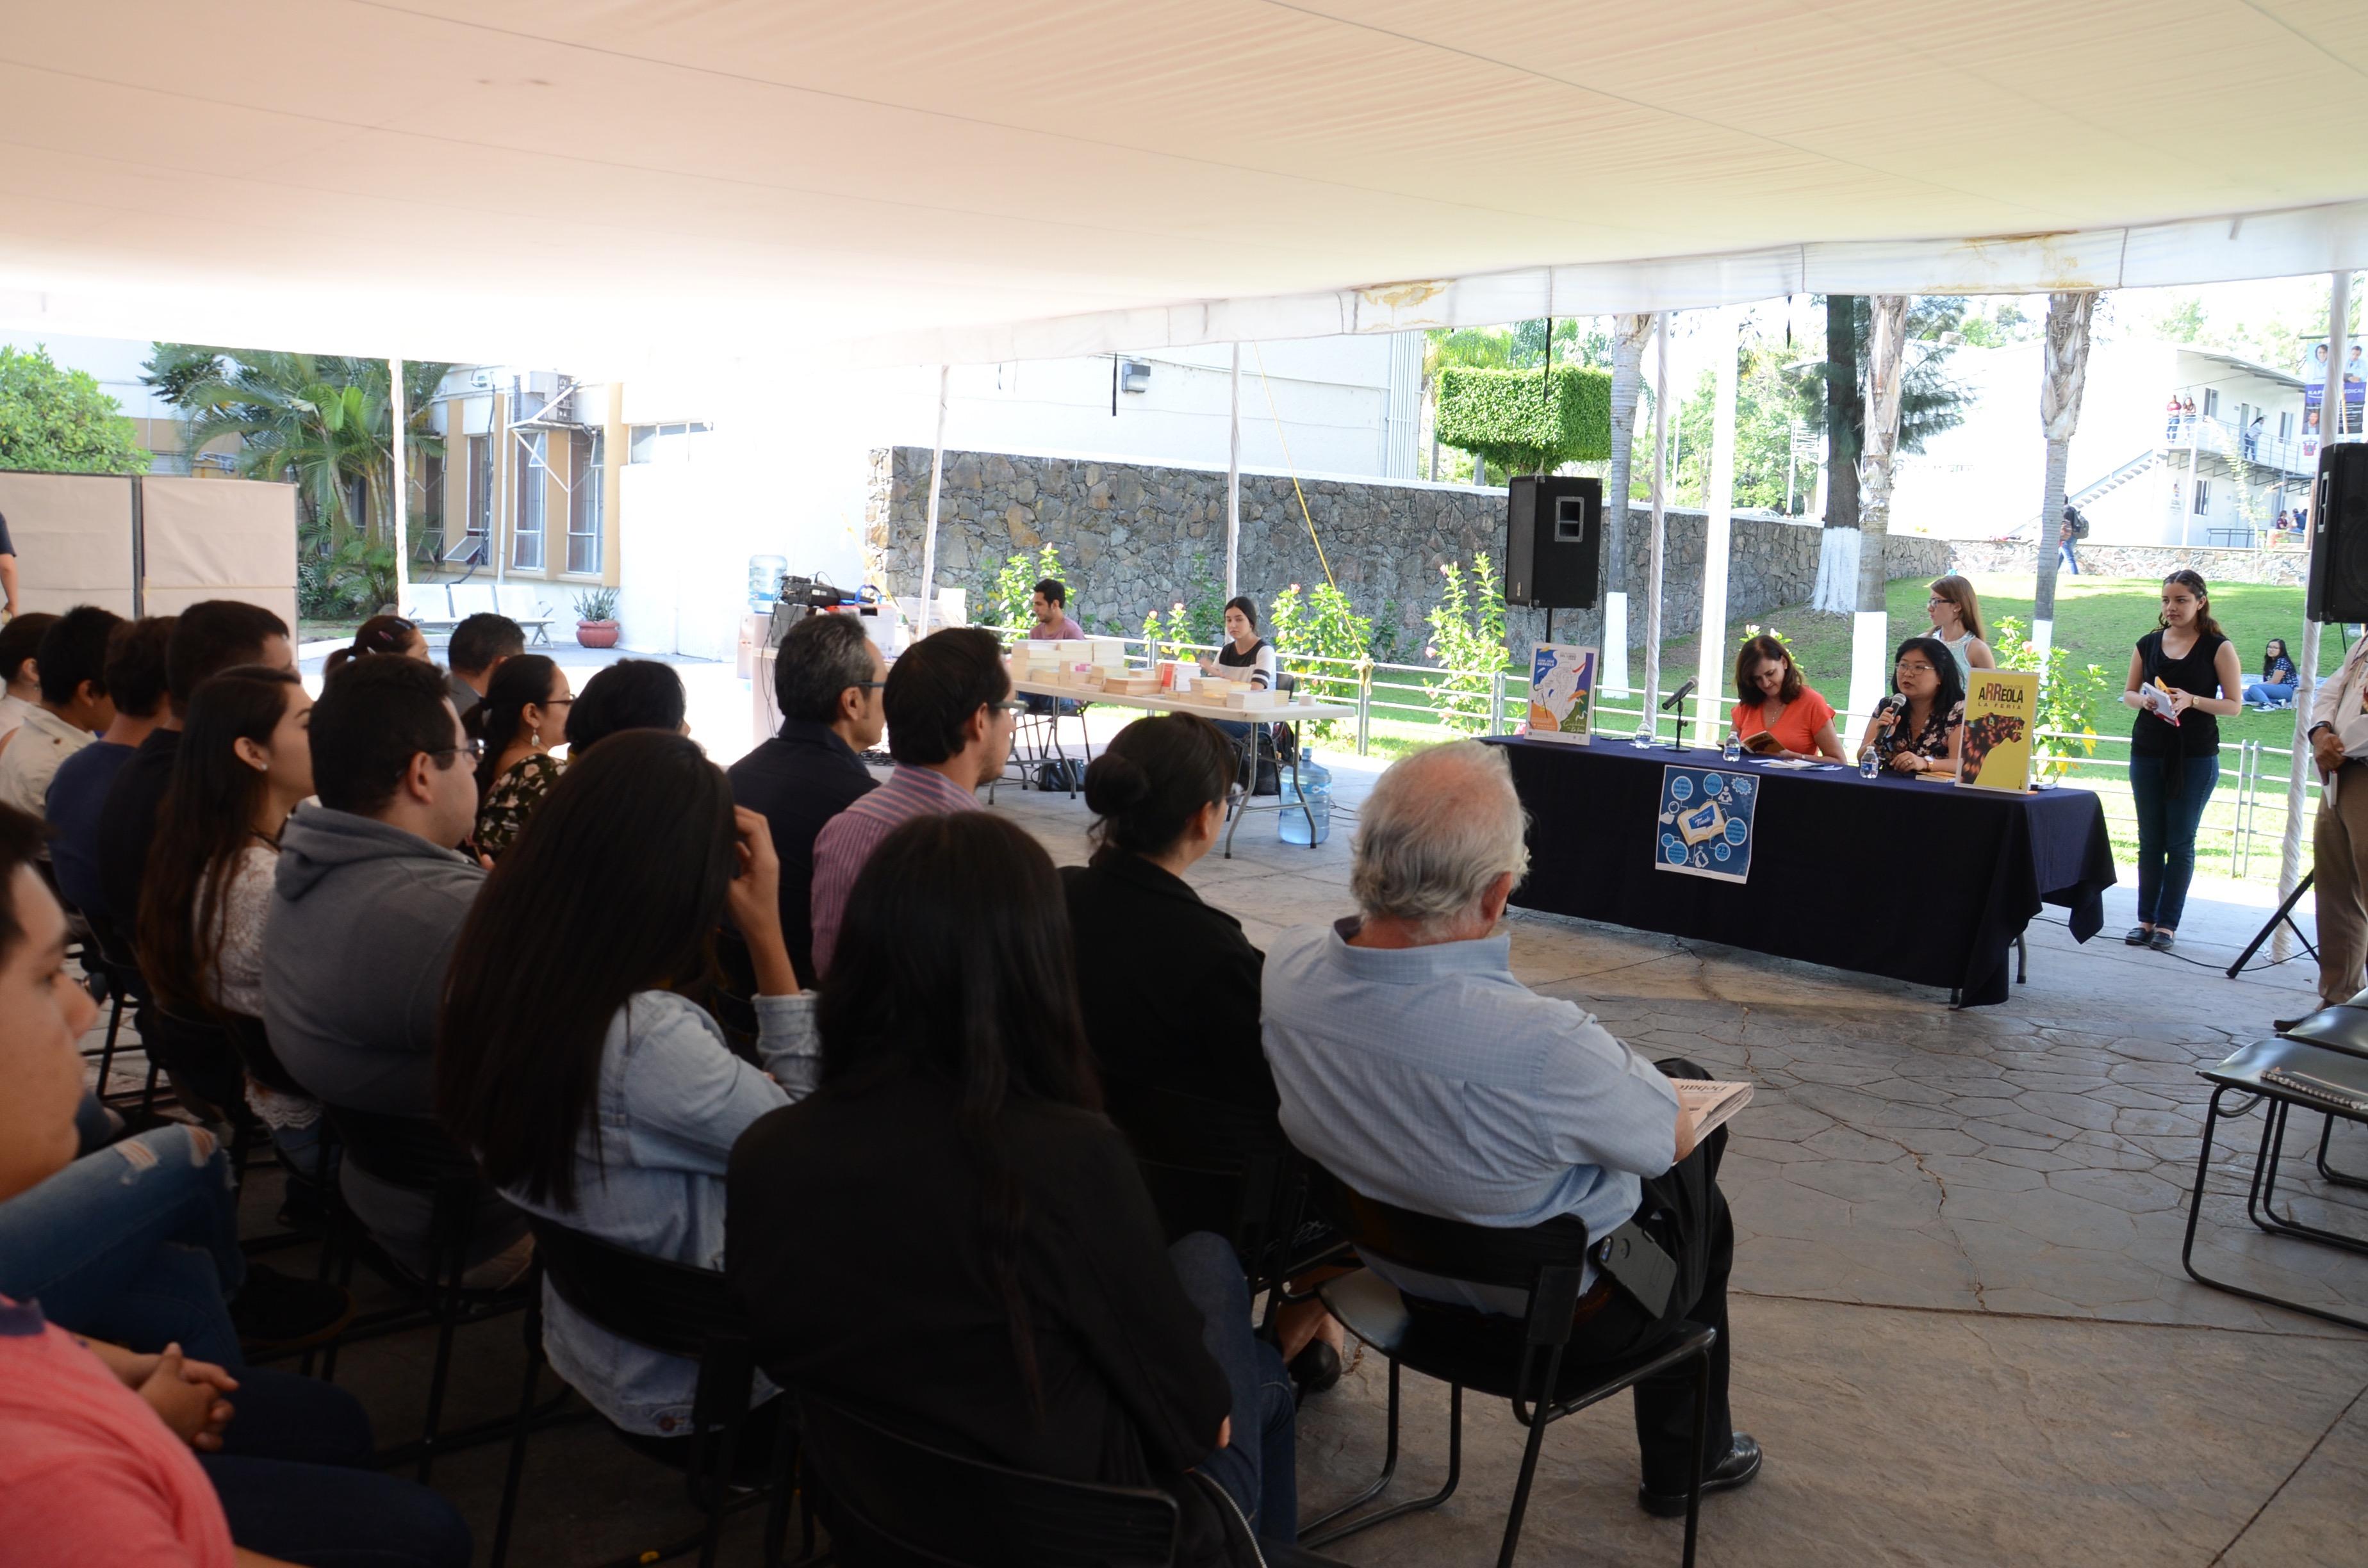 Imagen panorámica del la celebración del Día del Libro en CUCS